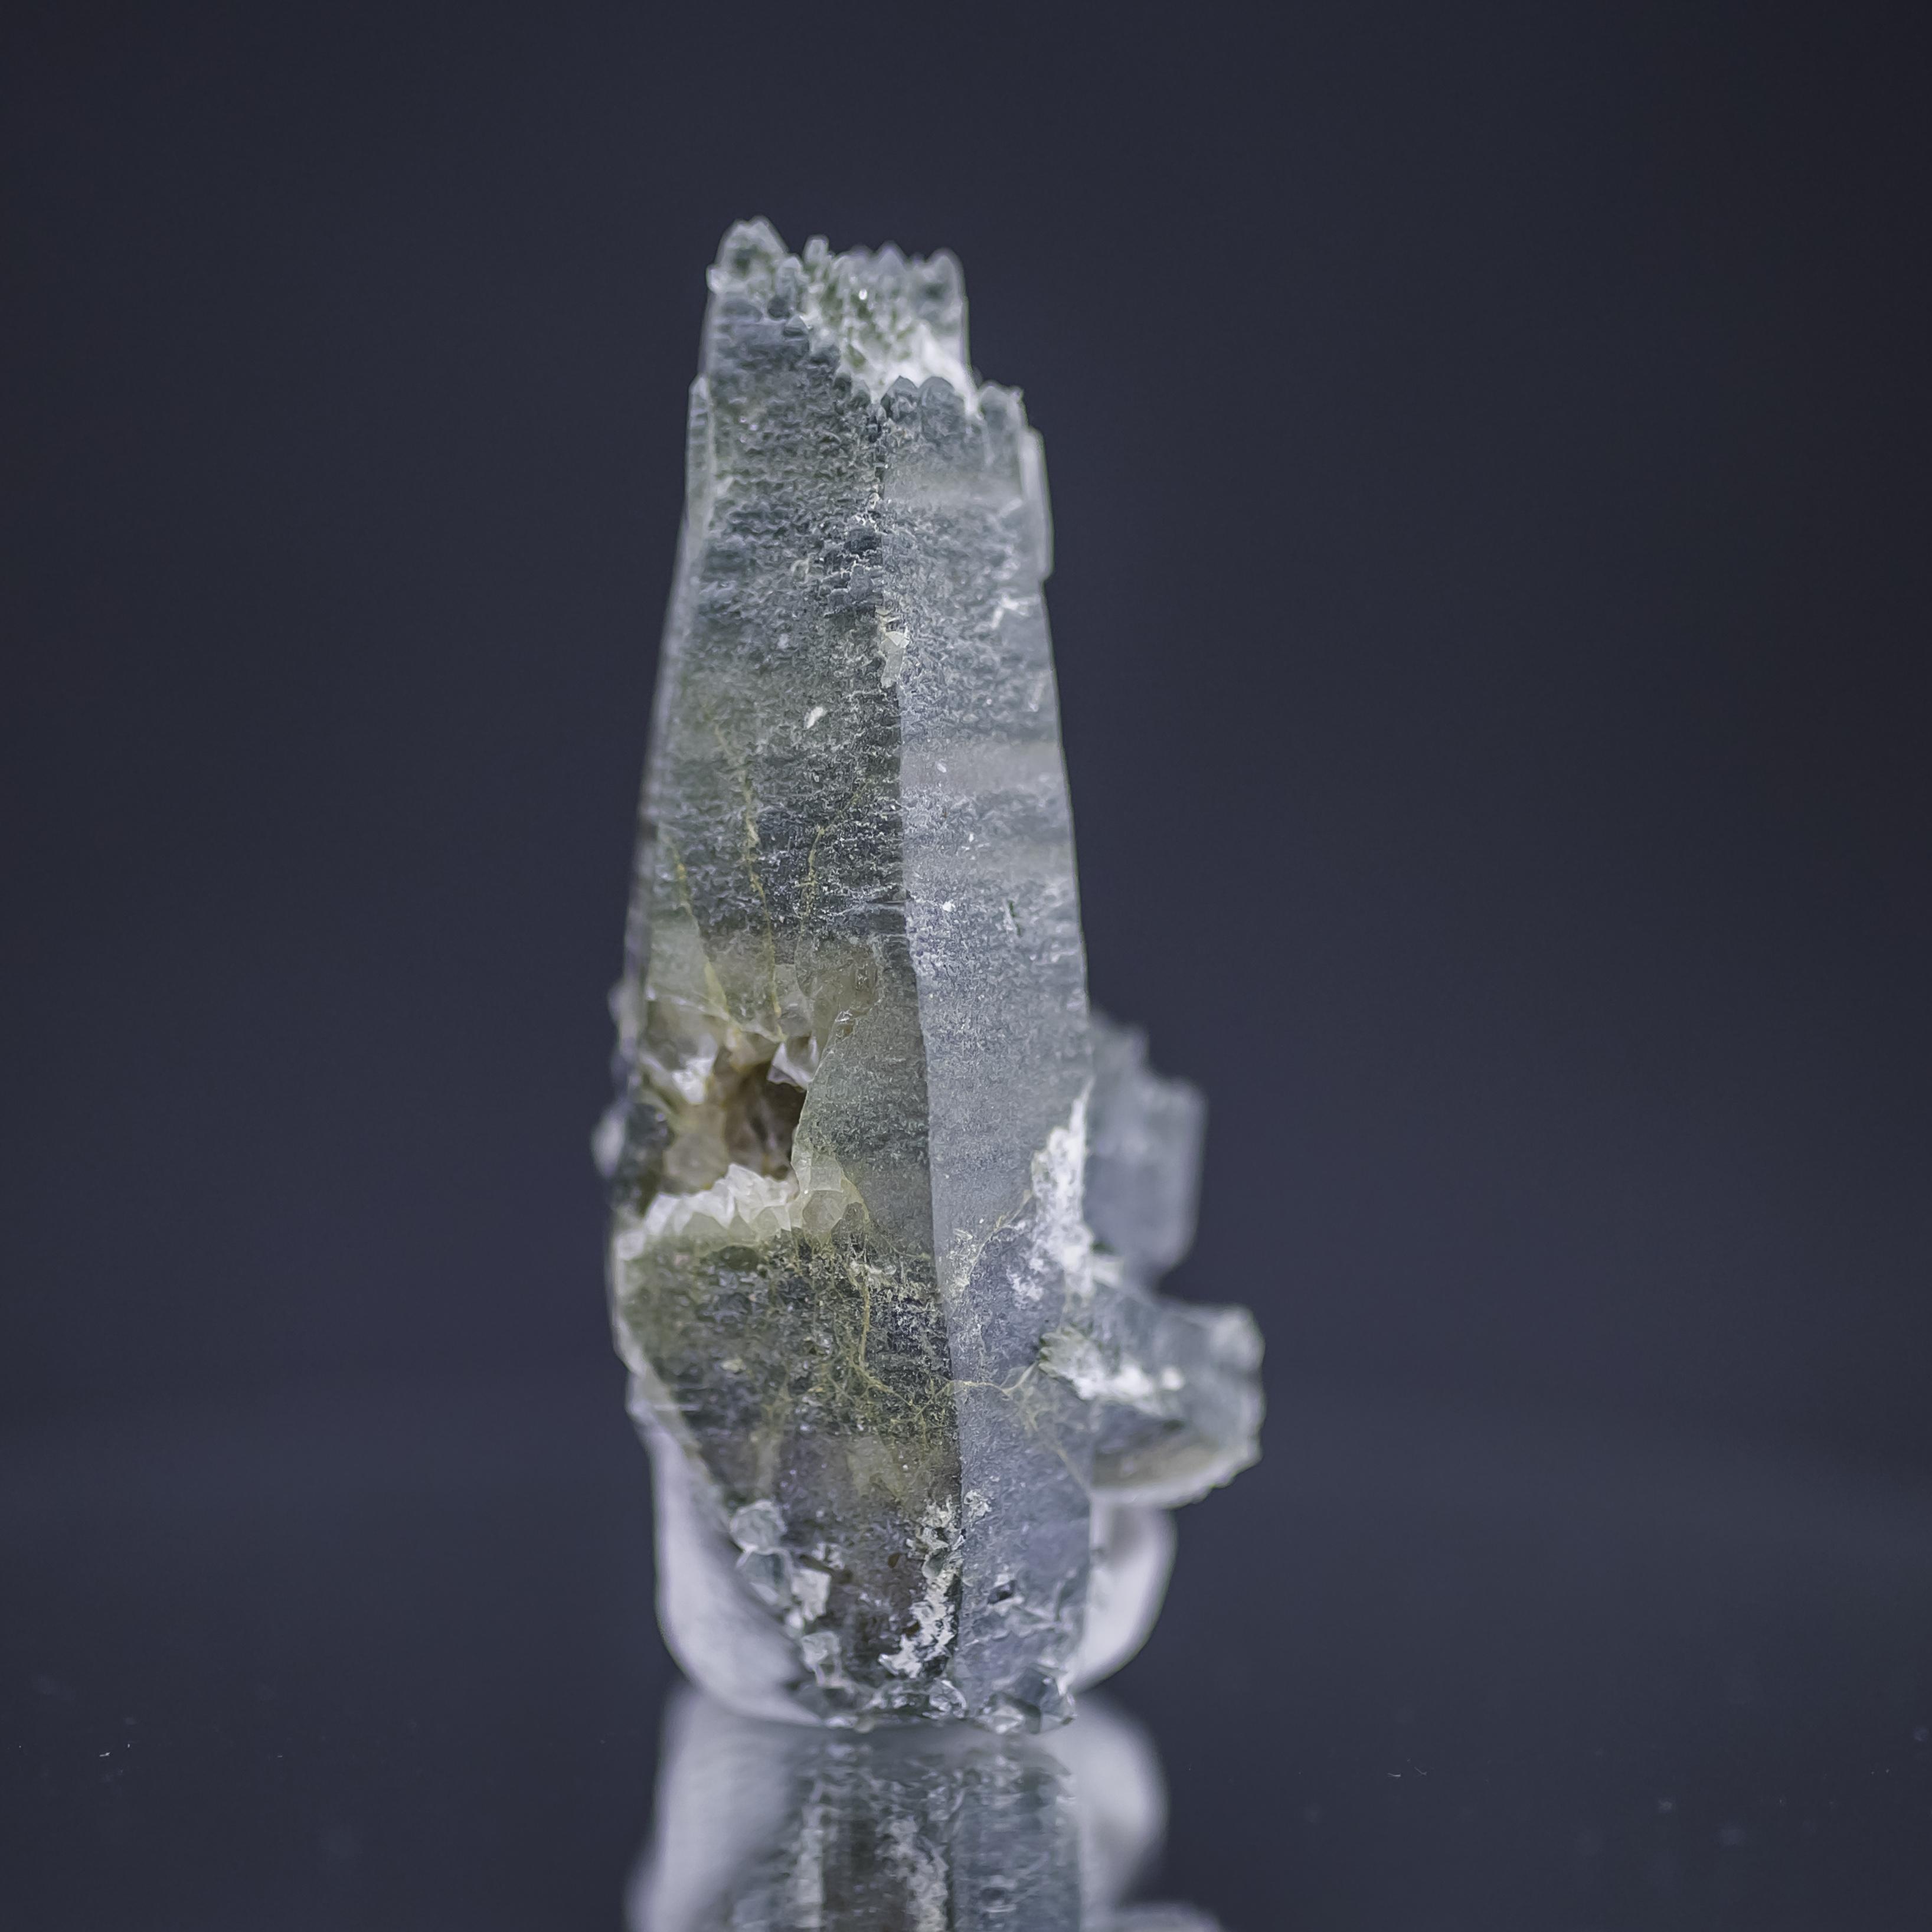 ヒマラヤ水晶 ラパ産水晶ポイント ガネーシュヒマール クローライト水晶hgr-2